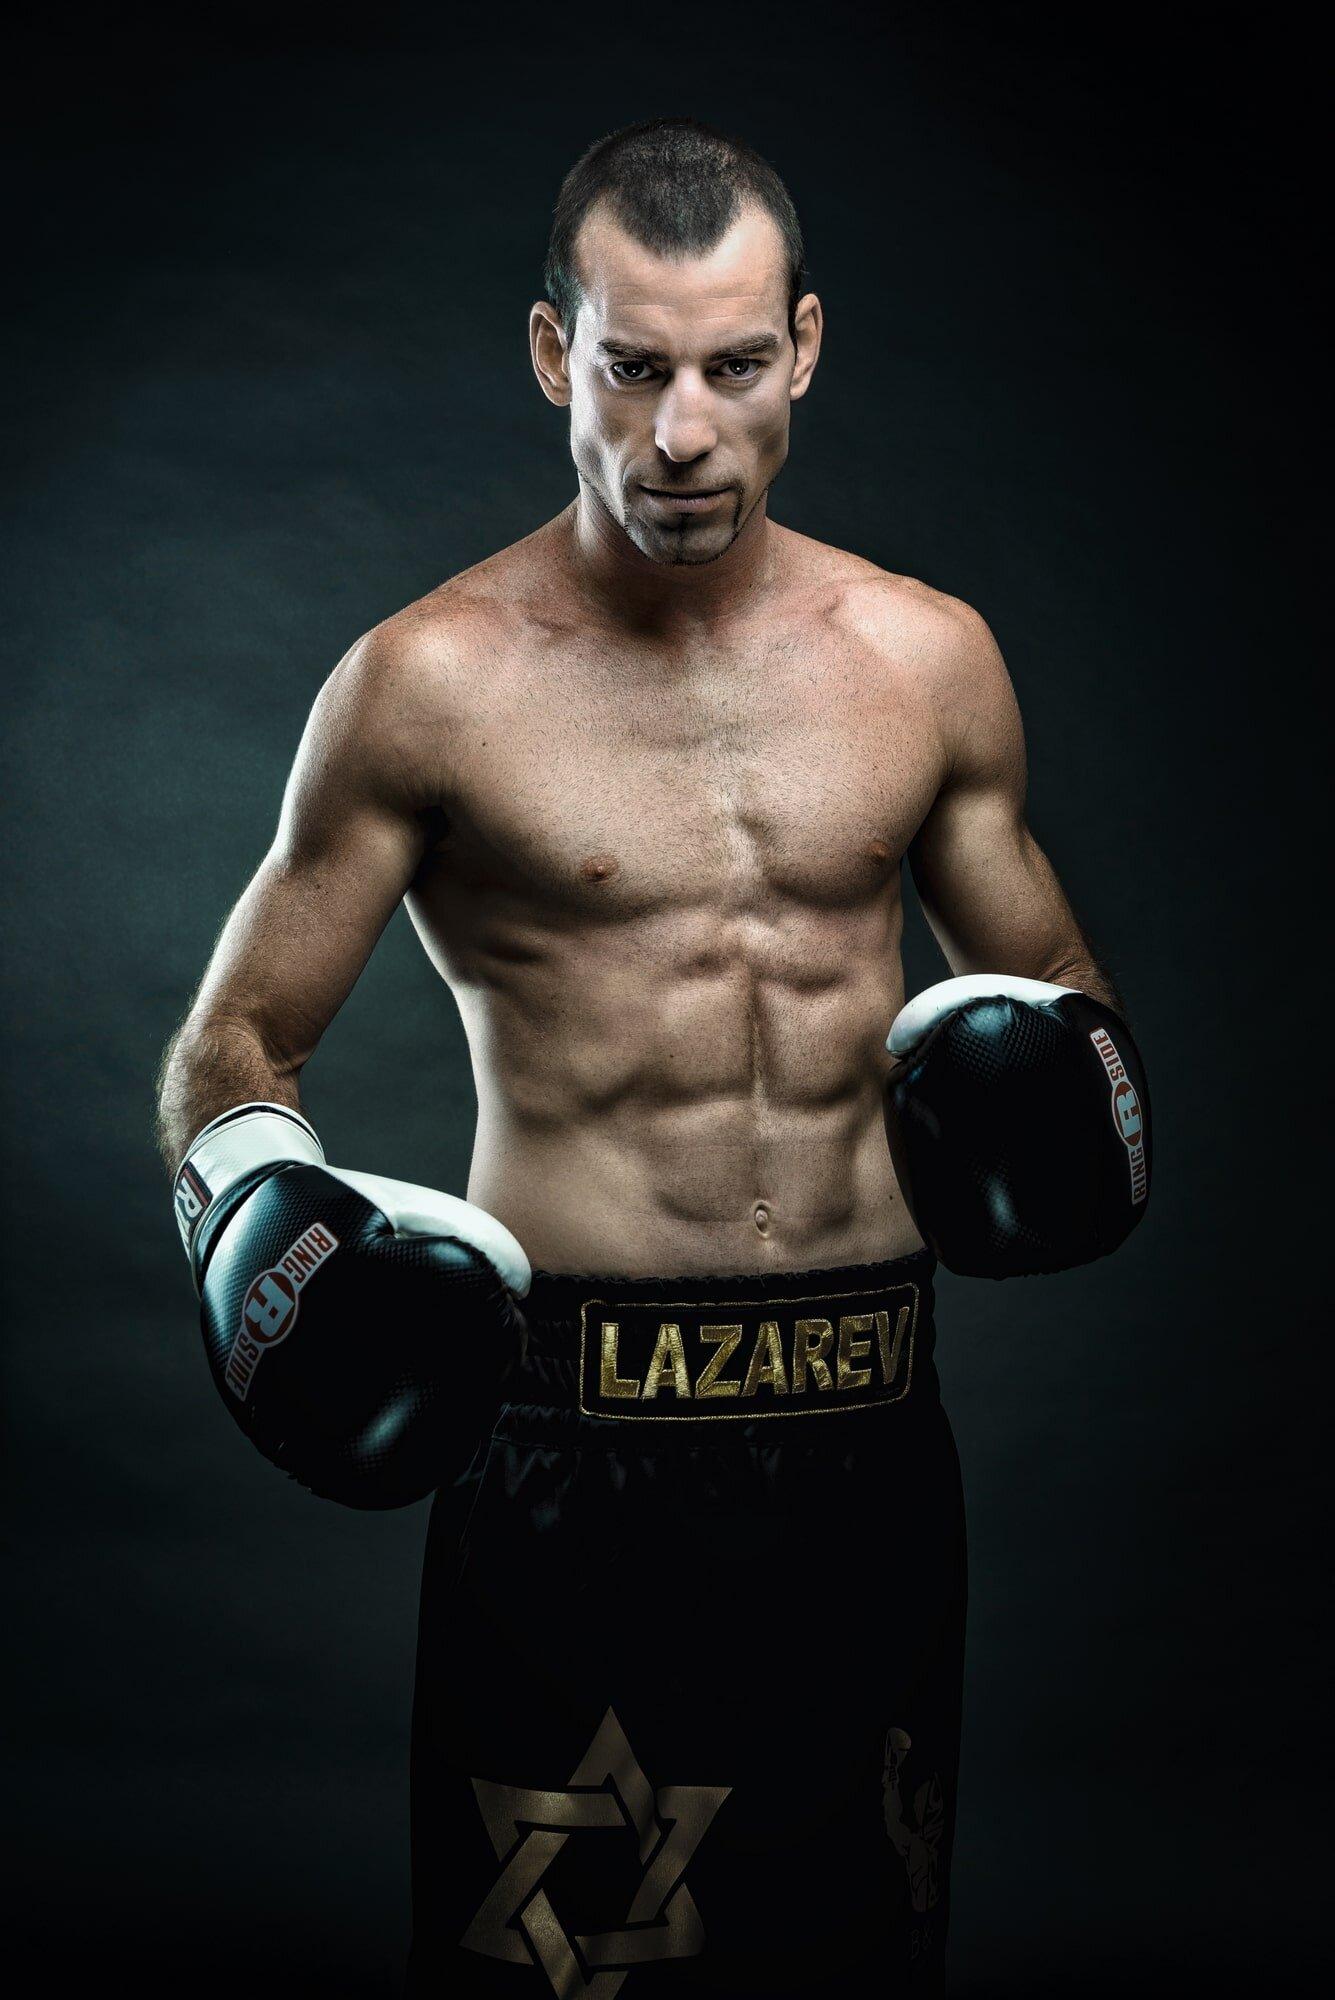 צילום תדמית למתאגרף מקצועי : ניר רויטמן